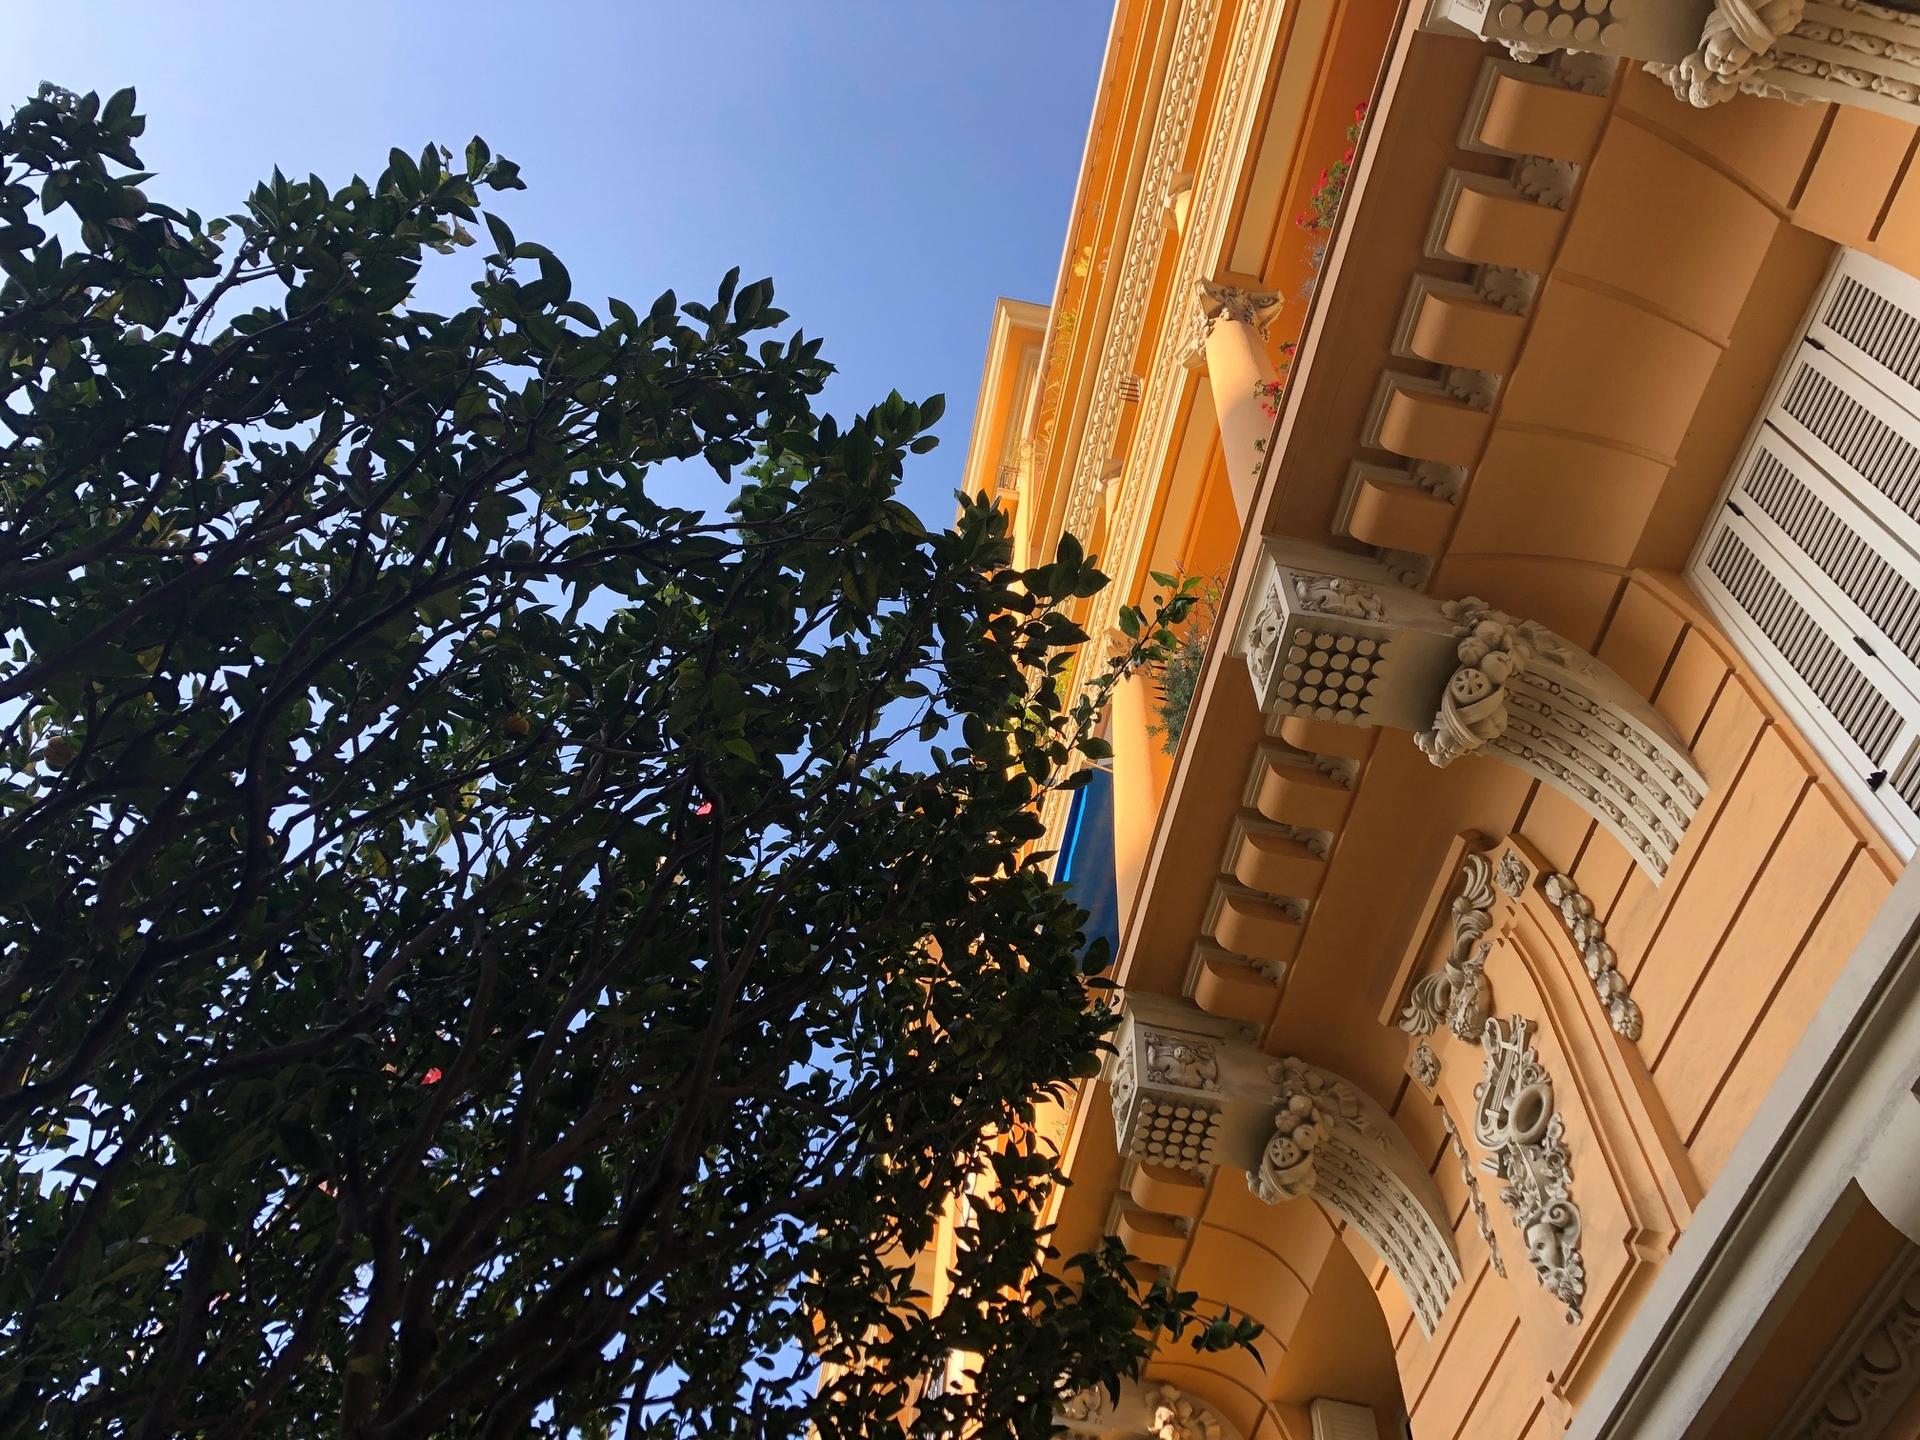 VILLA BELLEVUE - APPARTAMENTO 3P - Uffici in vendita a MonteCarlo